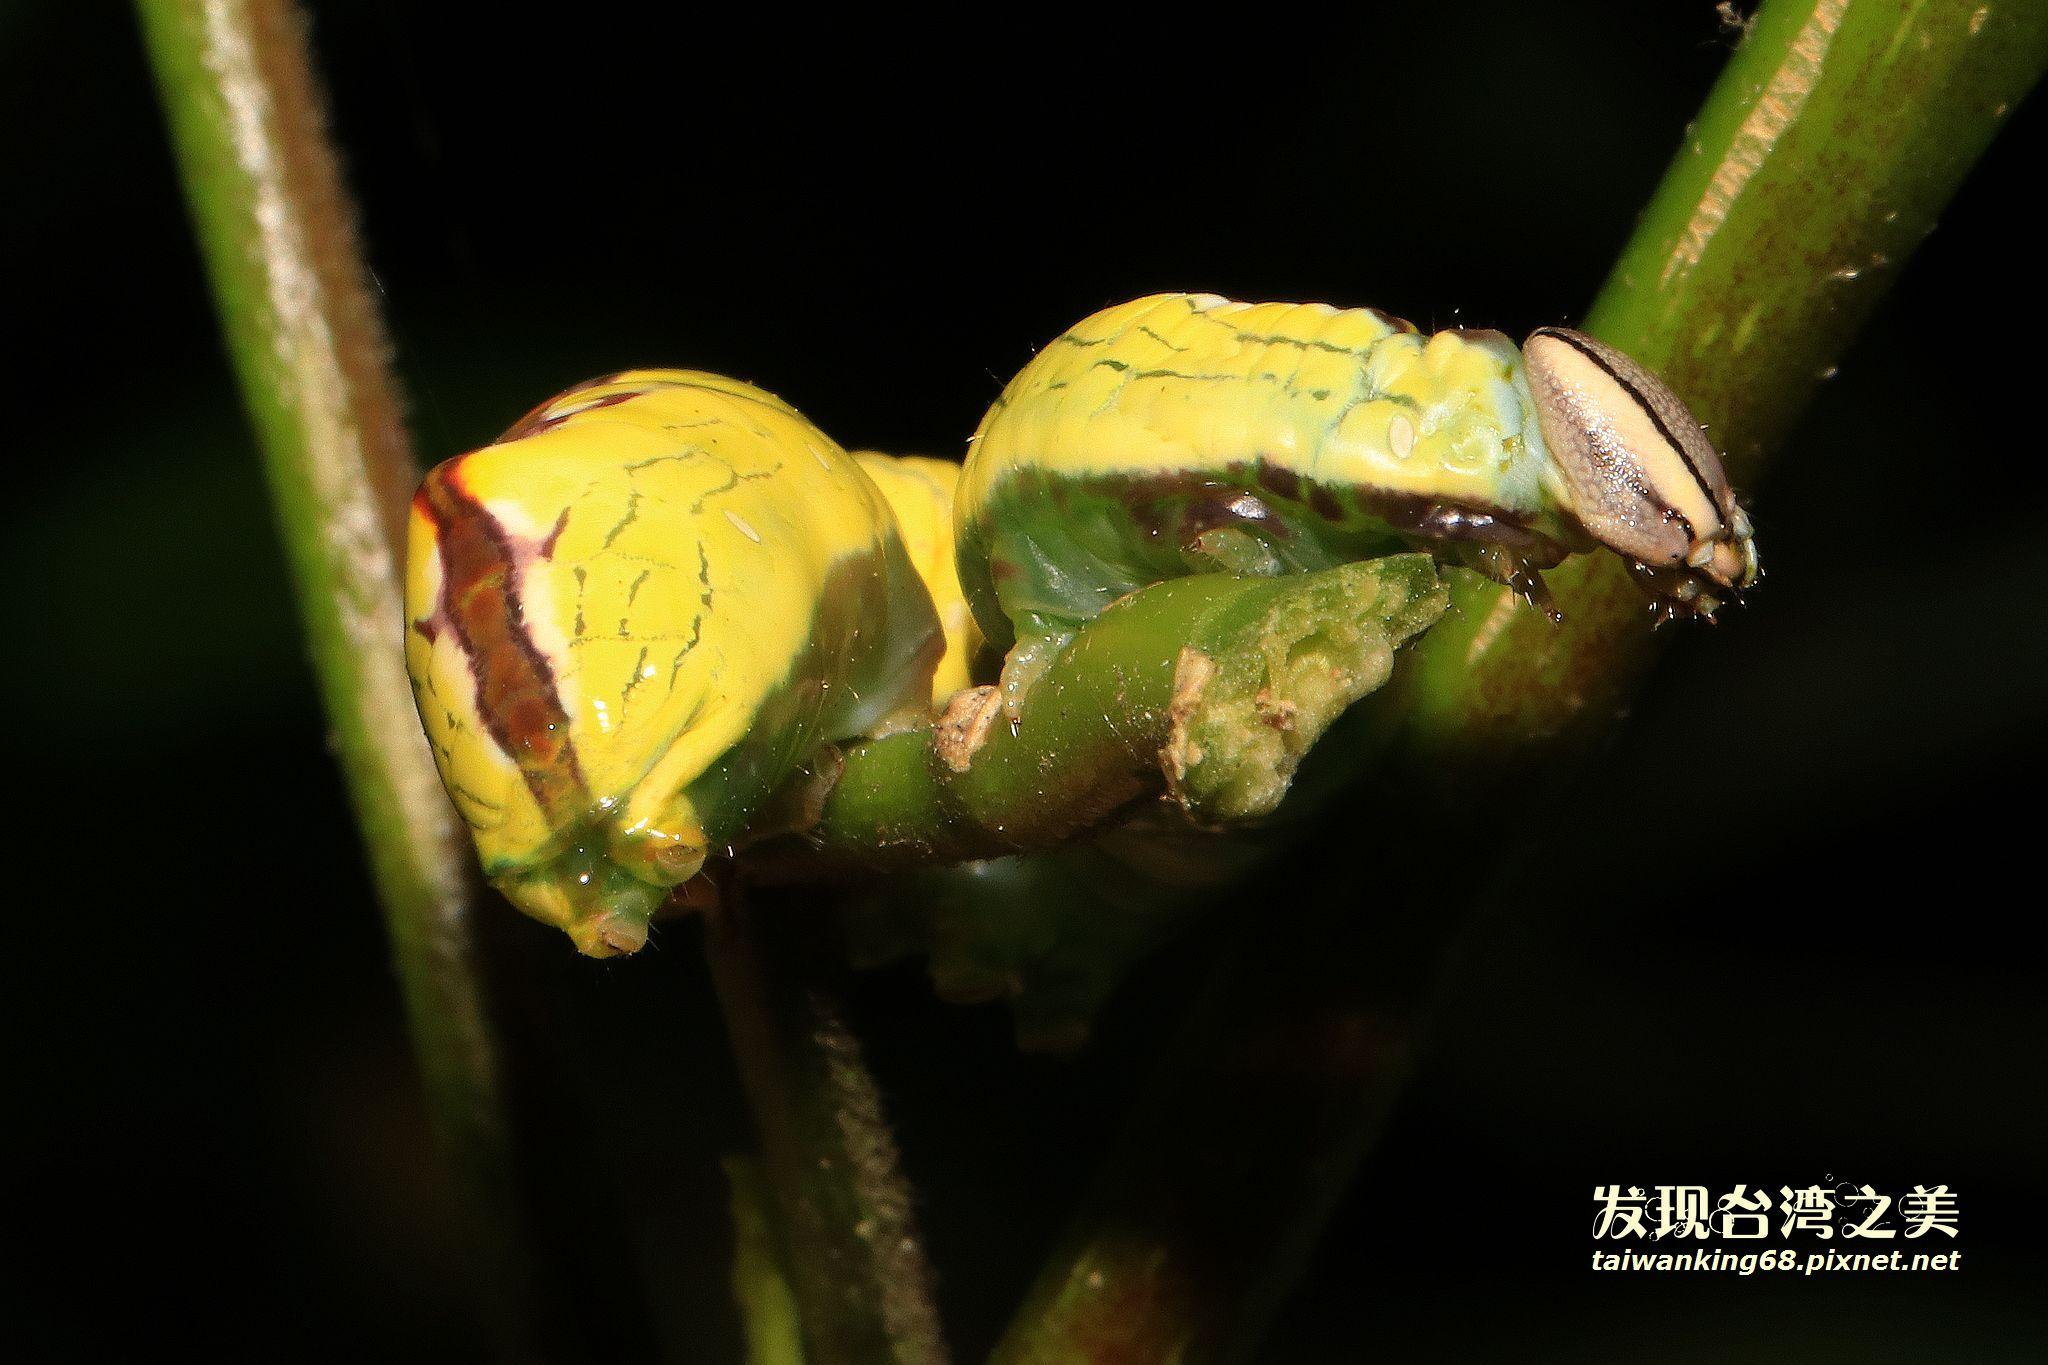 眼紋木舟蛾幼蟲